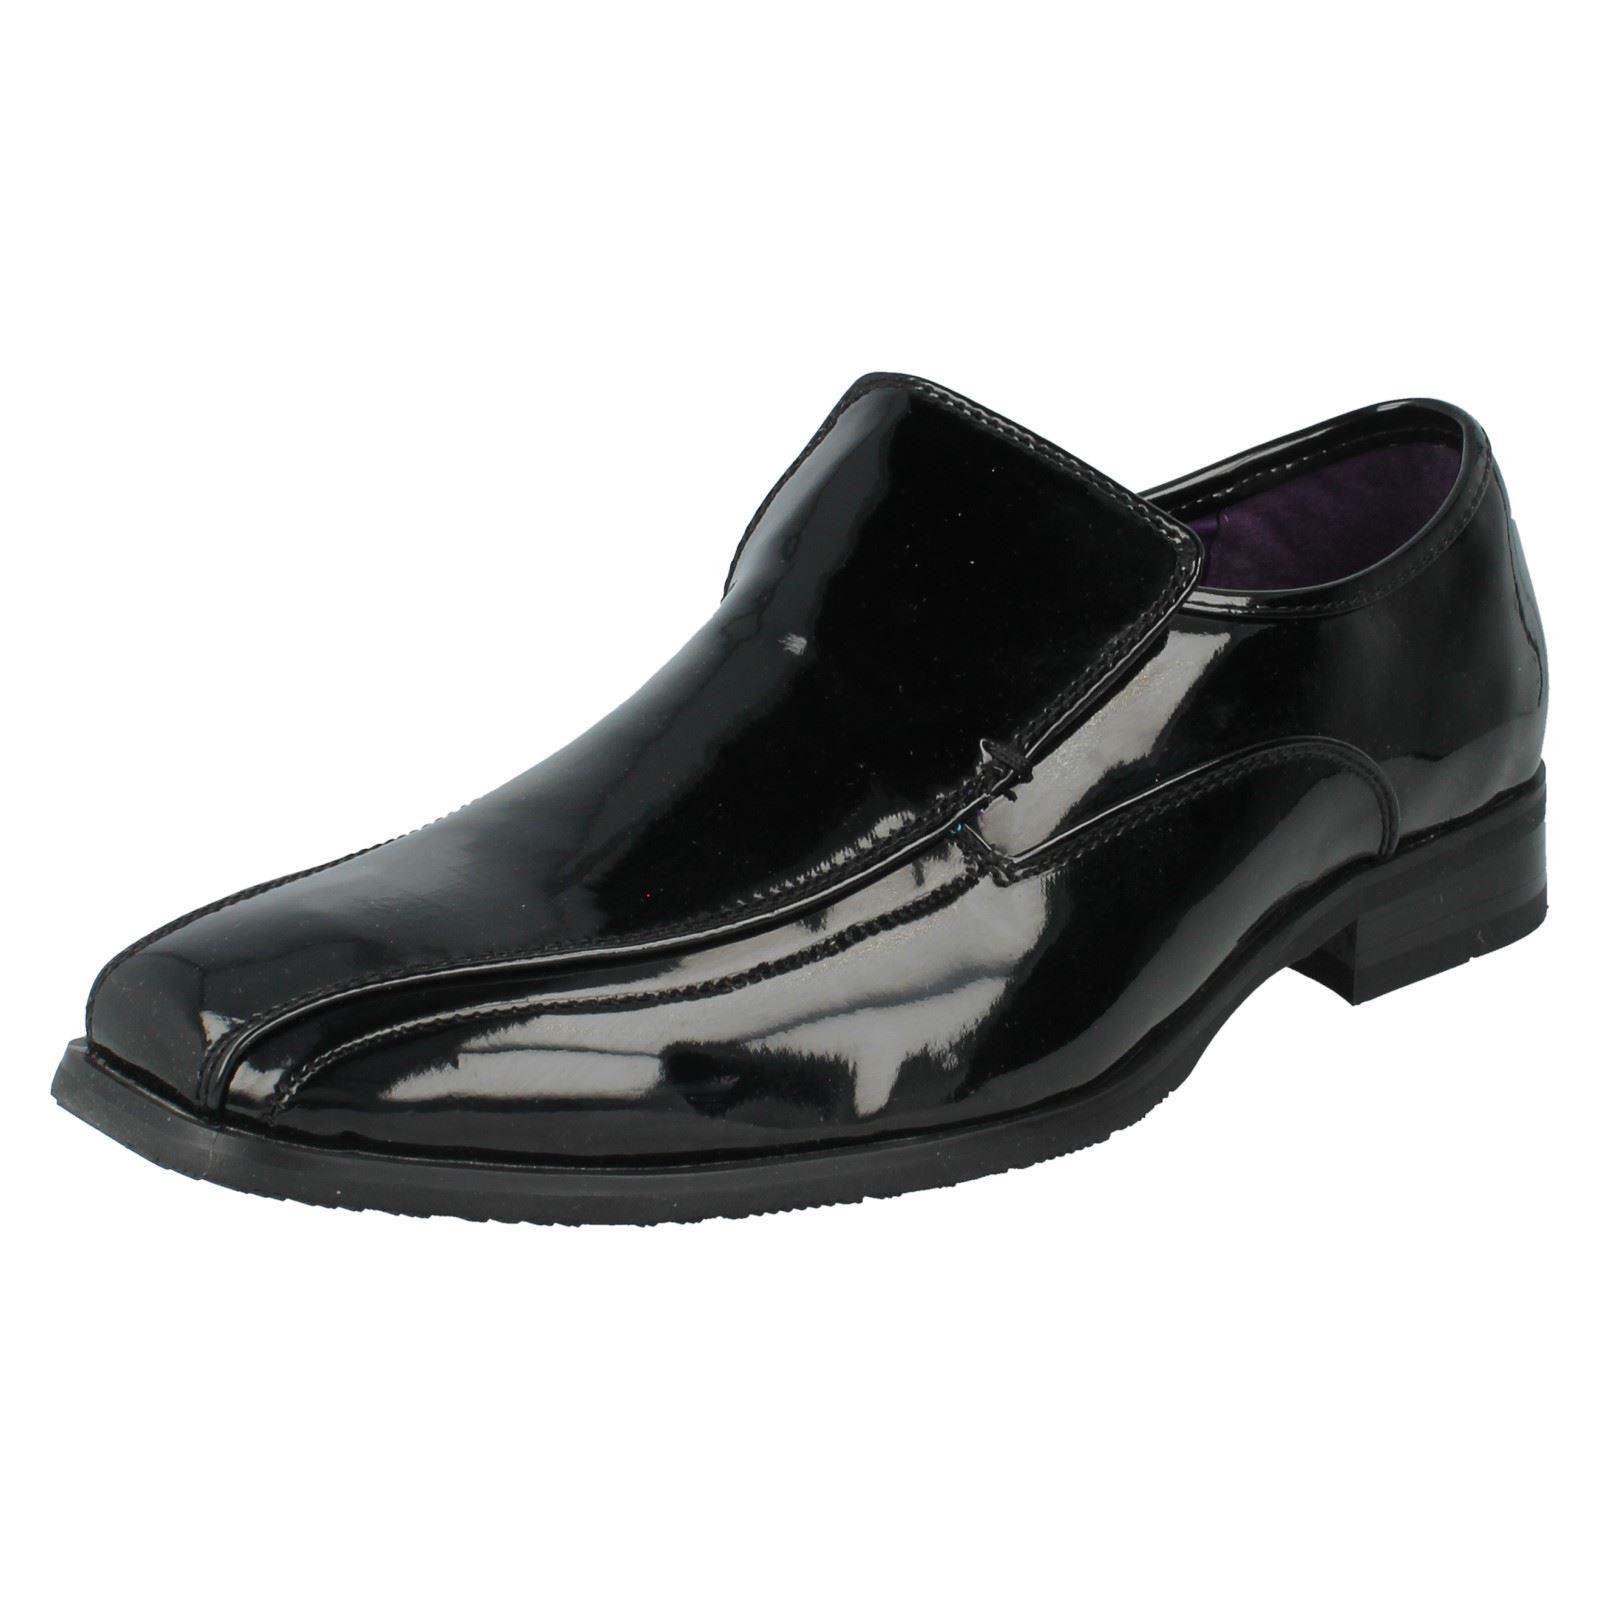 OFERTA COSTABA Ahora Hombre Charol Negro Sin Cordones Zapatos de MAVERICK a1094